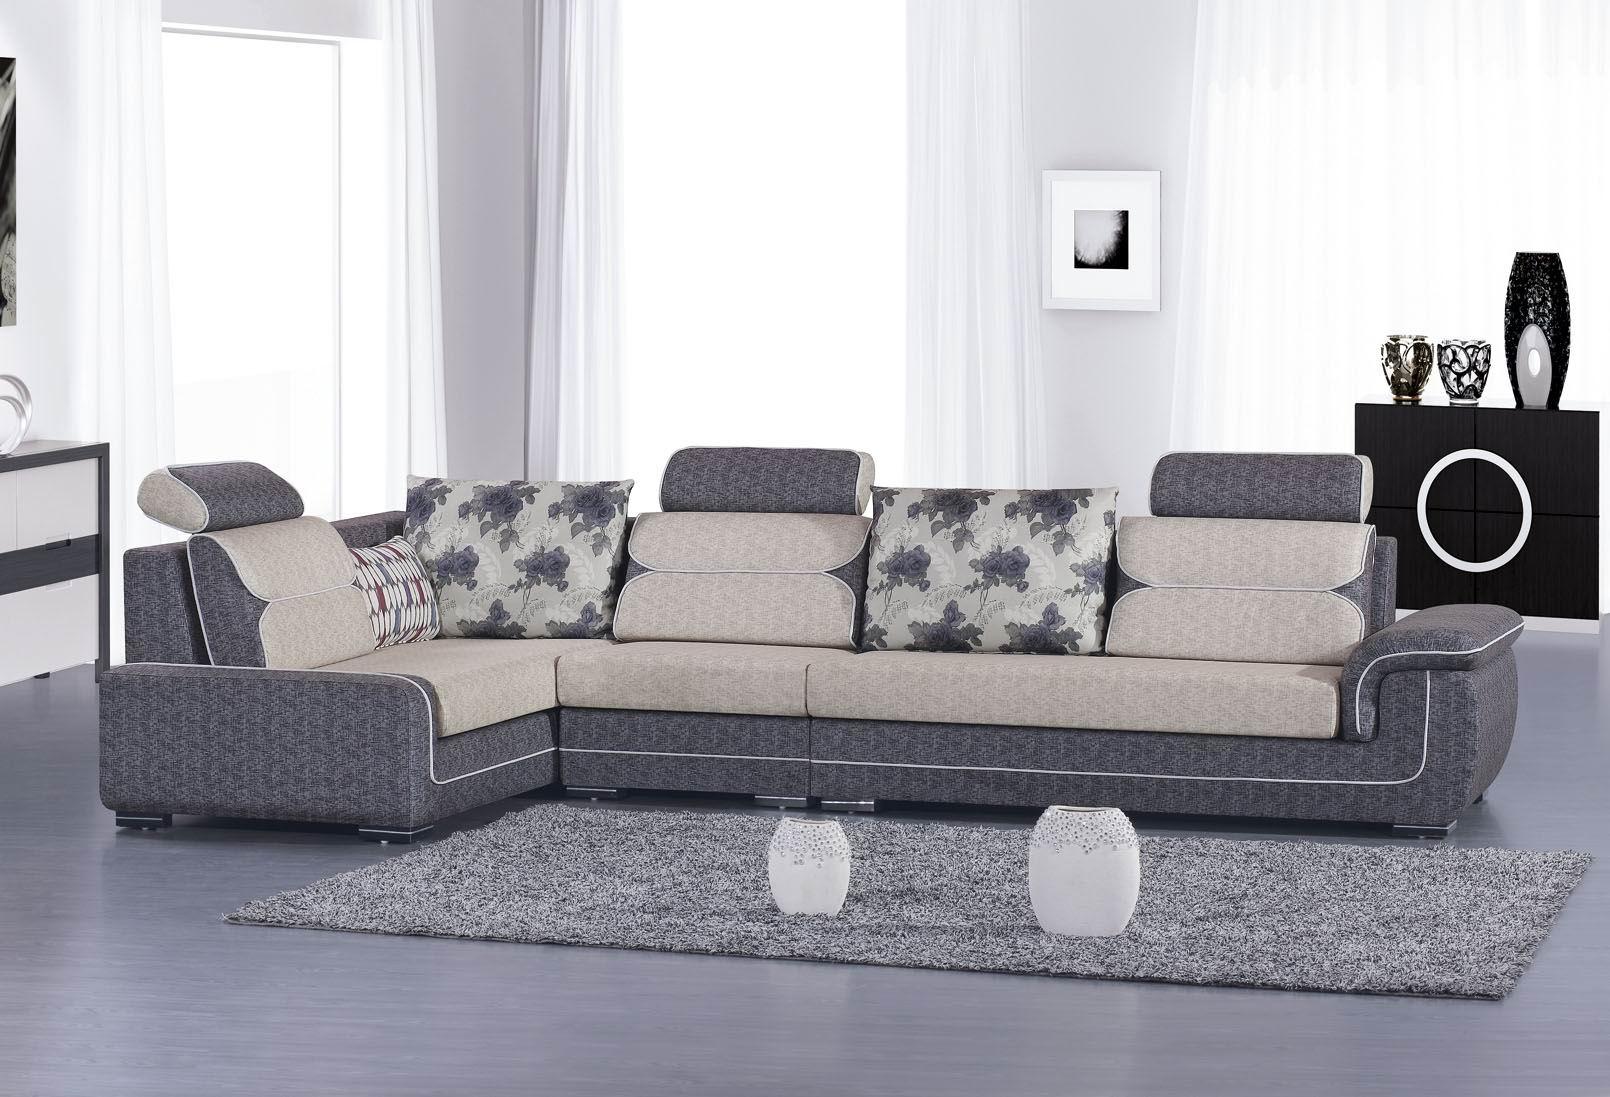 Sofa góc vải, sự lựa chọn hoàn hảo P2